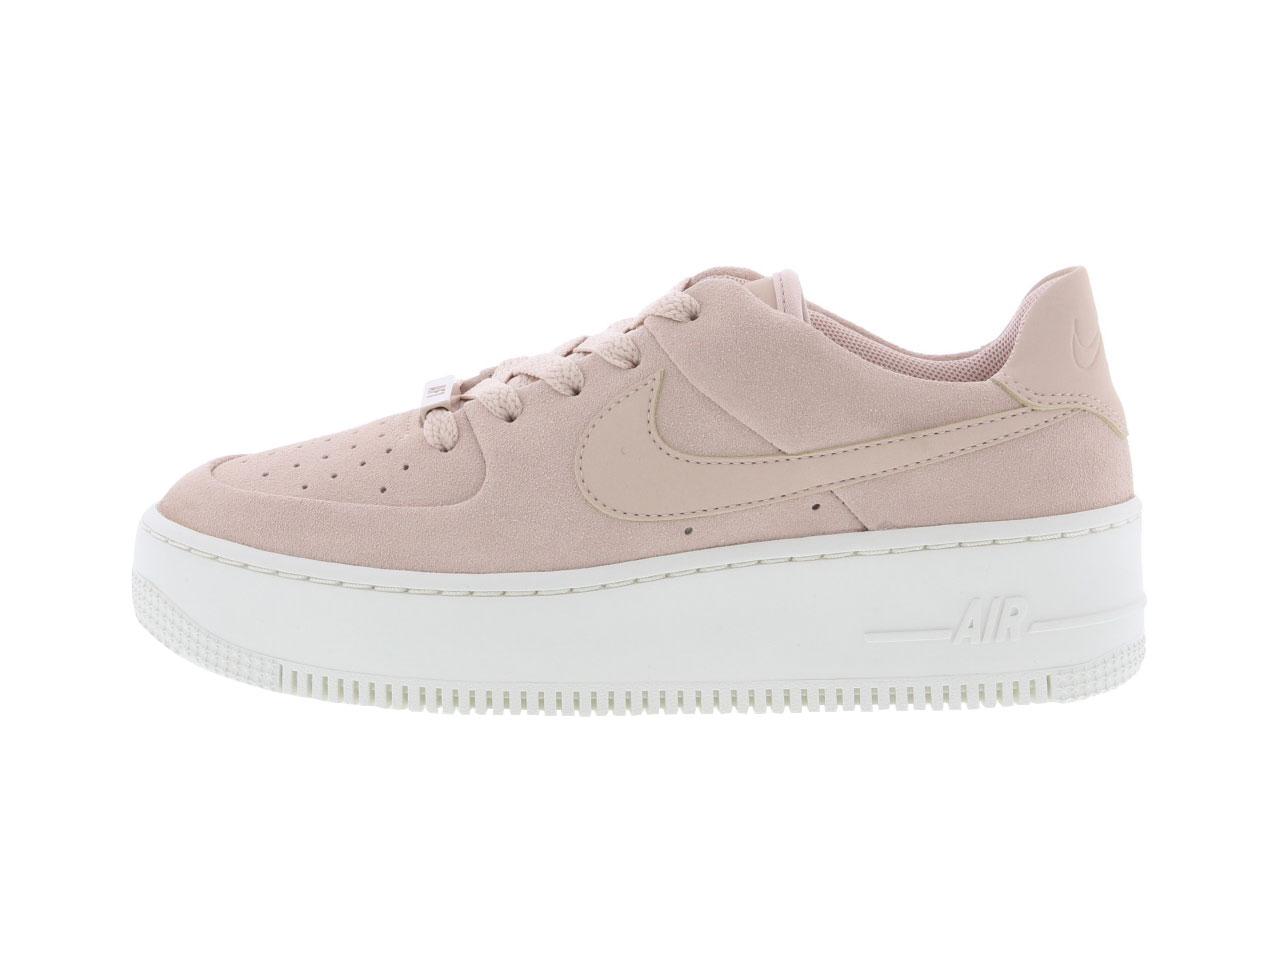 NIKE WOMENS AF1 SAGE LOW(AR5339-201)【ナイキ】【レディースファッション】【シューズ】【スニーカー】【靴】【フットウェア】【シューズ】【スニーカー】【靴】【フットウェア】